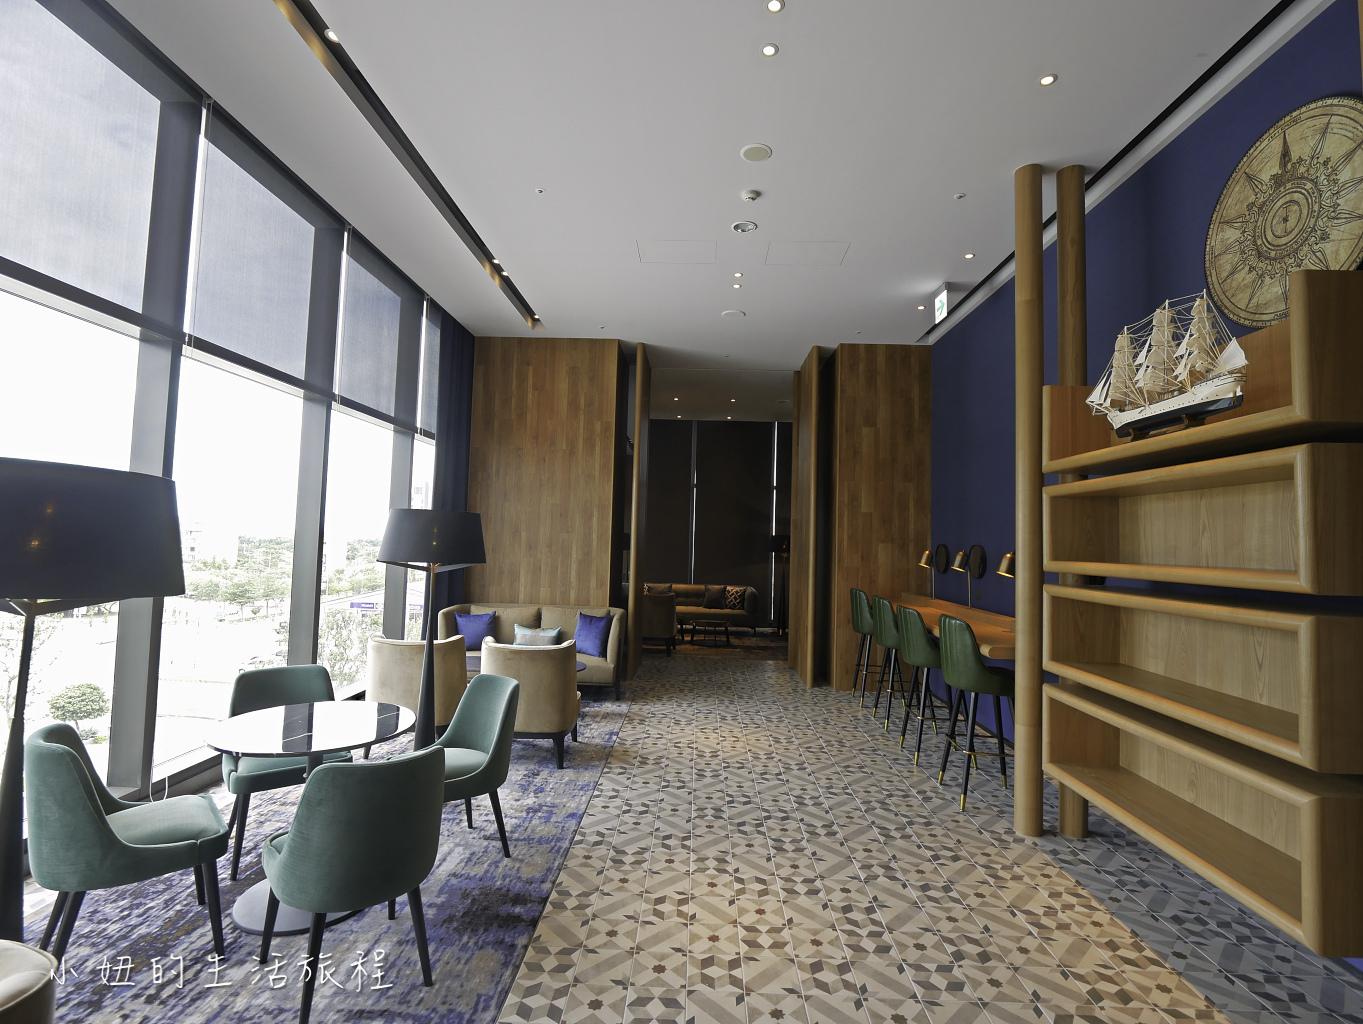 COZZI Blu 和逸飯店-39.jpg